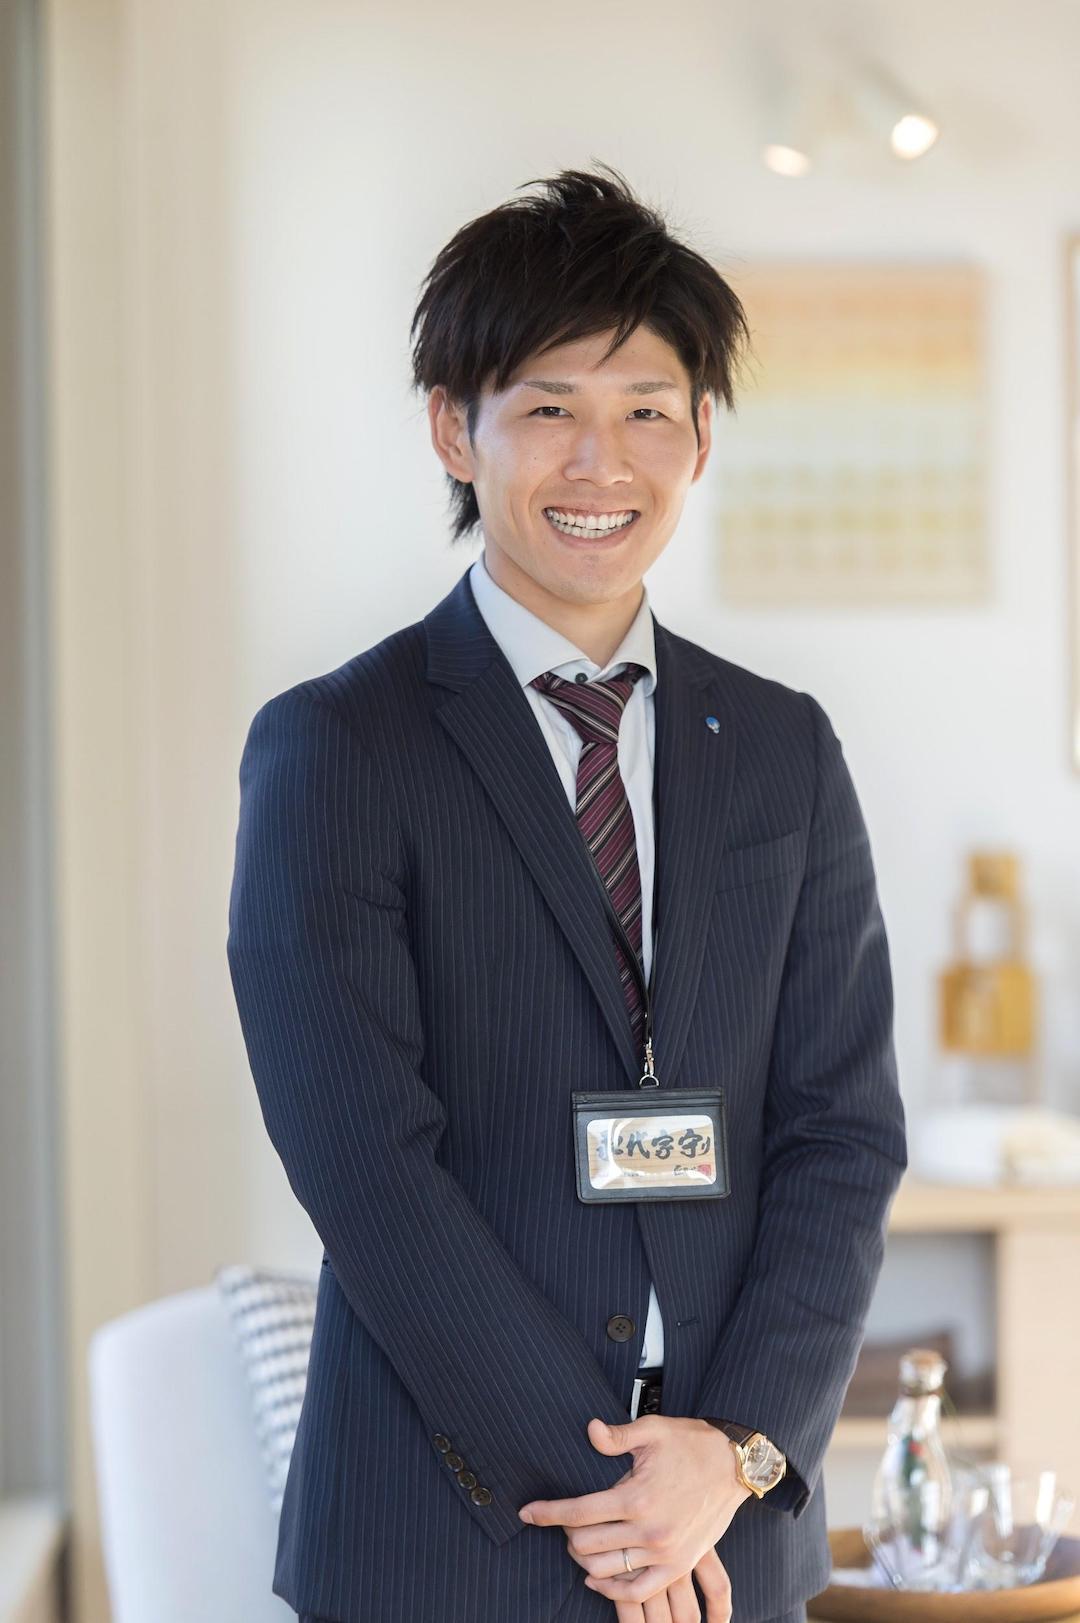 アキュラホームの社員紹介 チャネル推進課〜村山 卓也〜